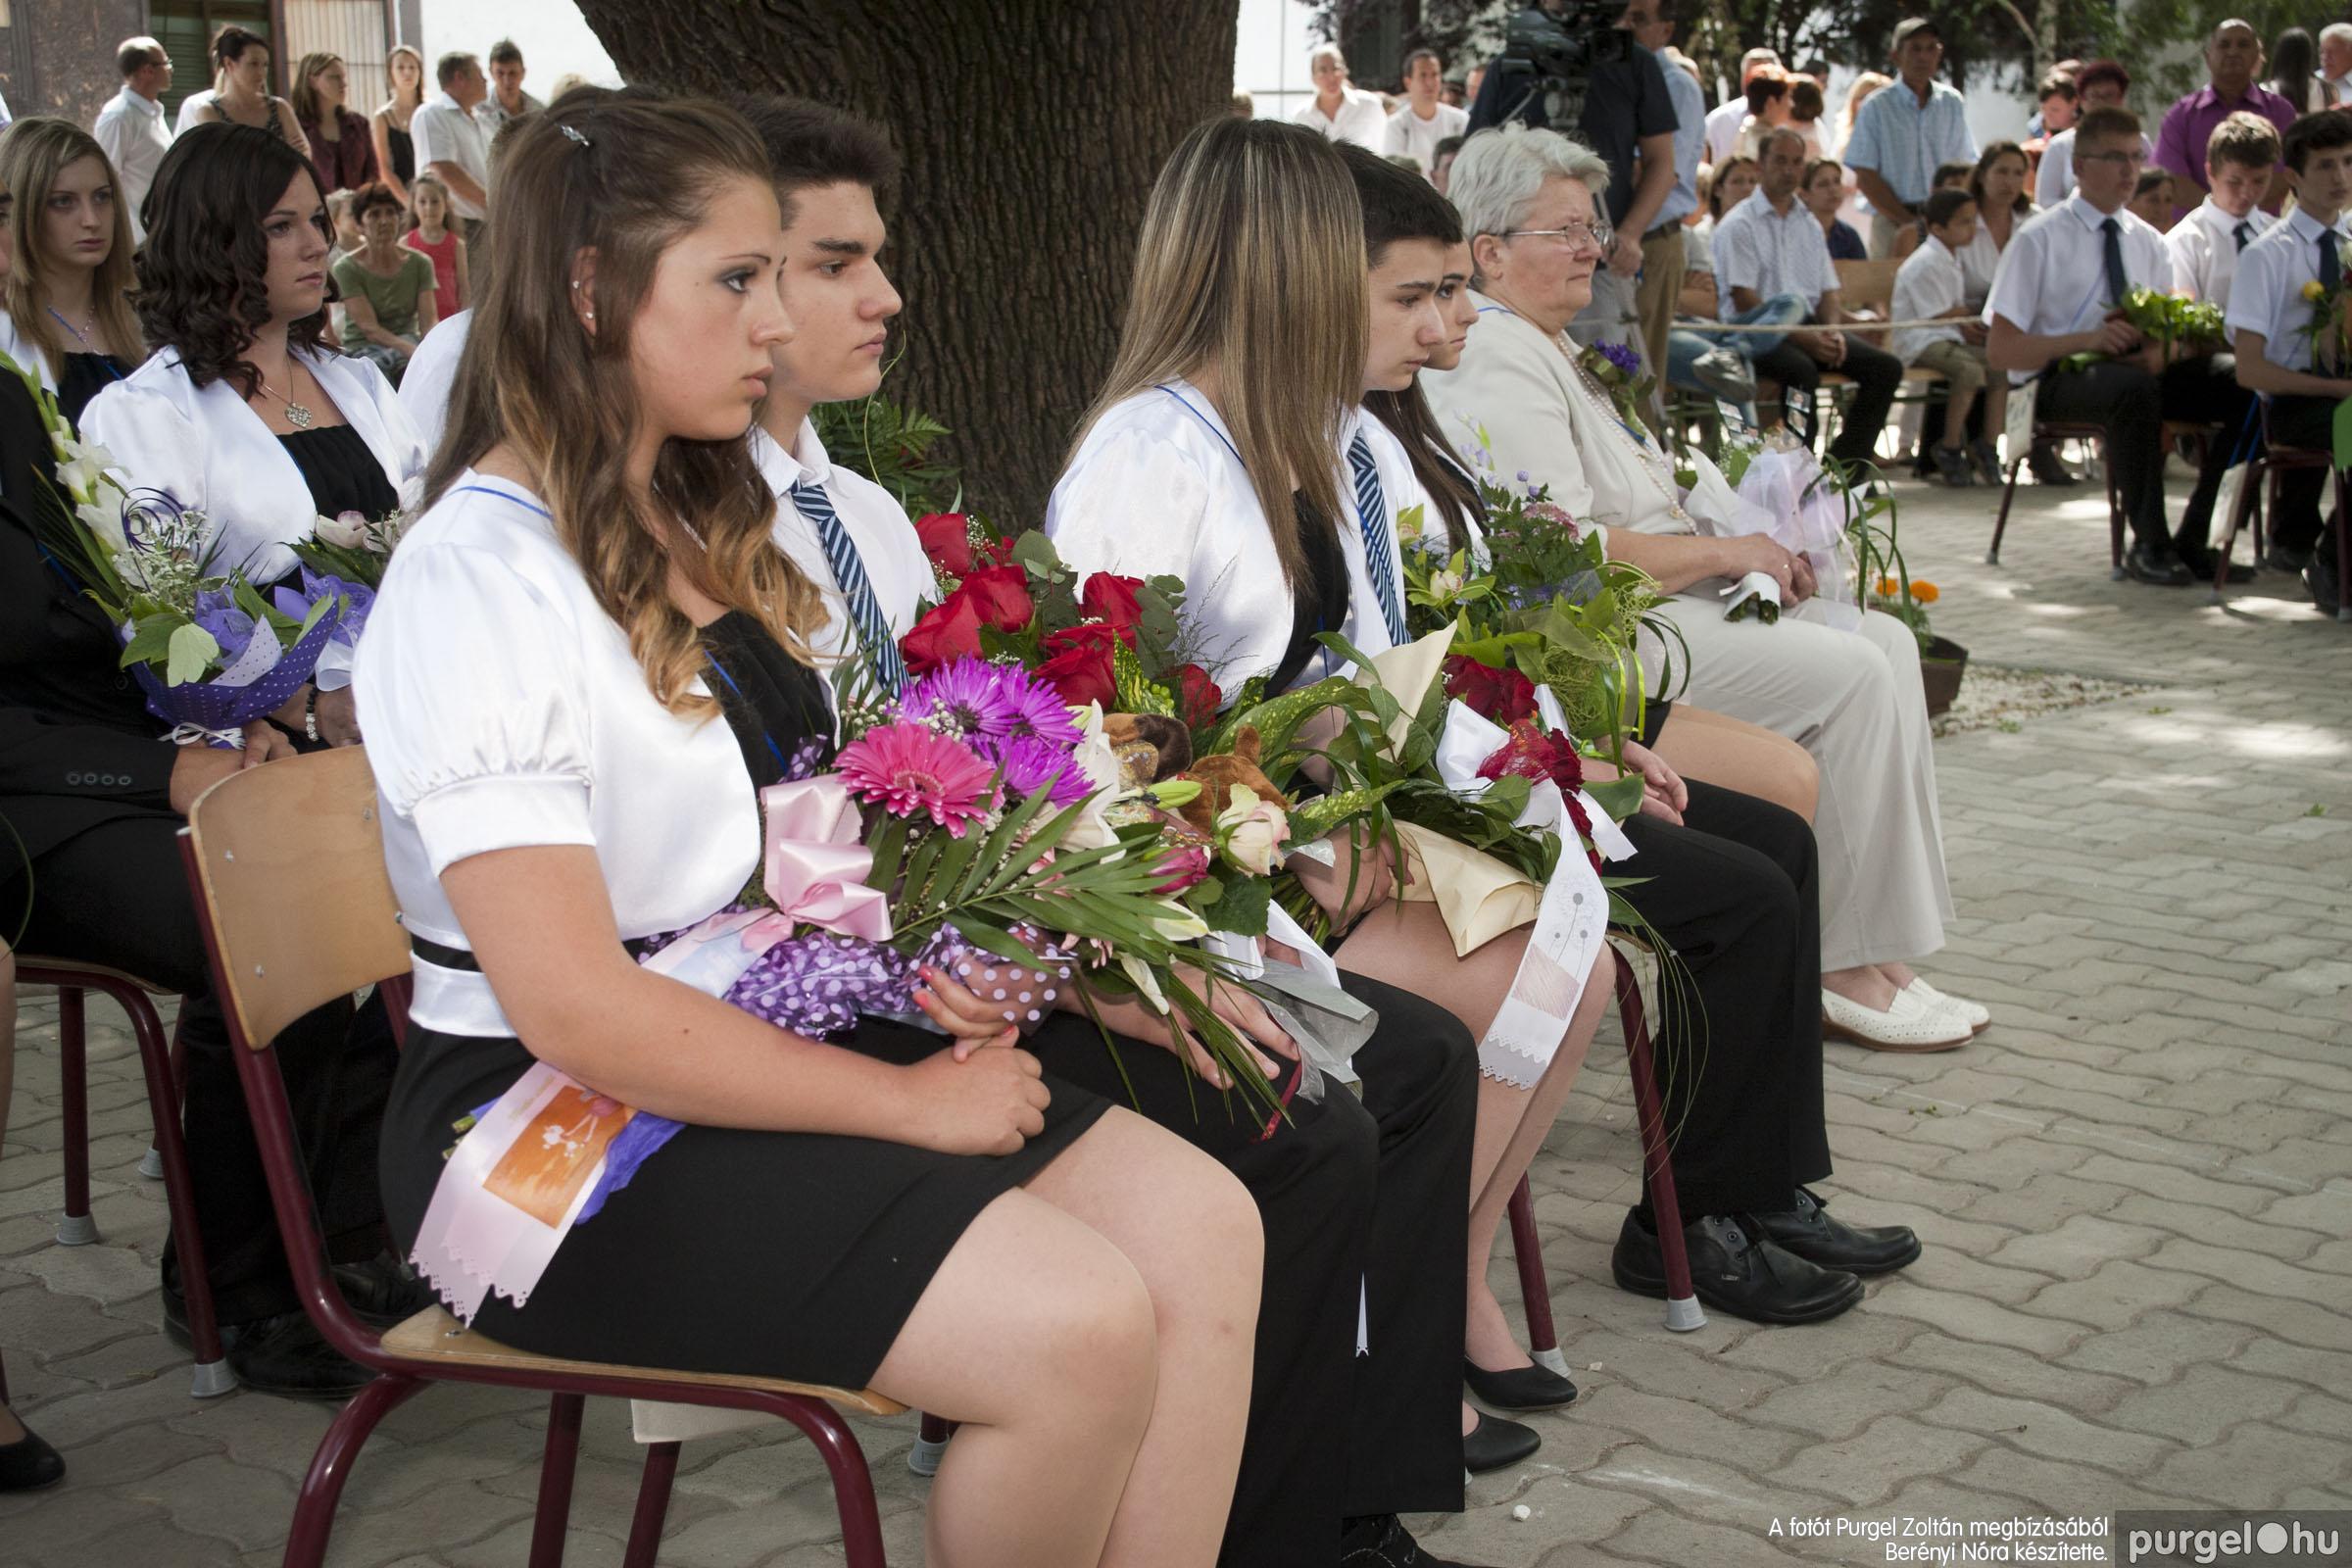 2014.06.14. 150 Forray Máté Általános Iskola ballagás 2014. - Fotó:BERÉNYI NÓRA© _MG_5758.jpg